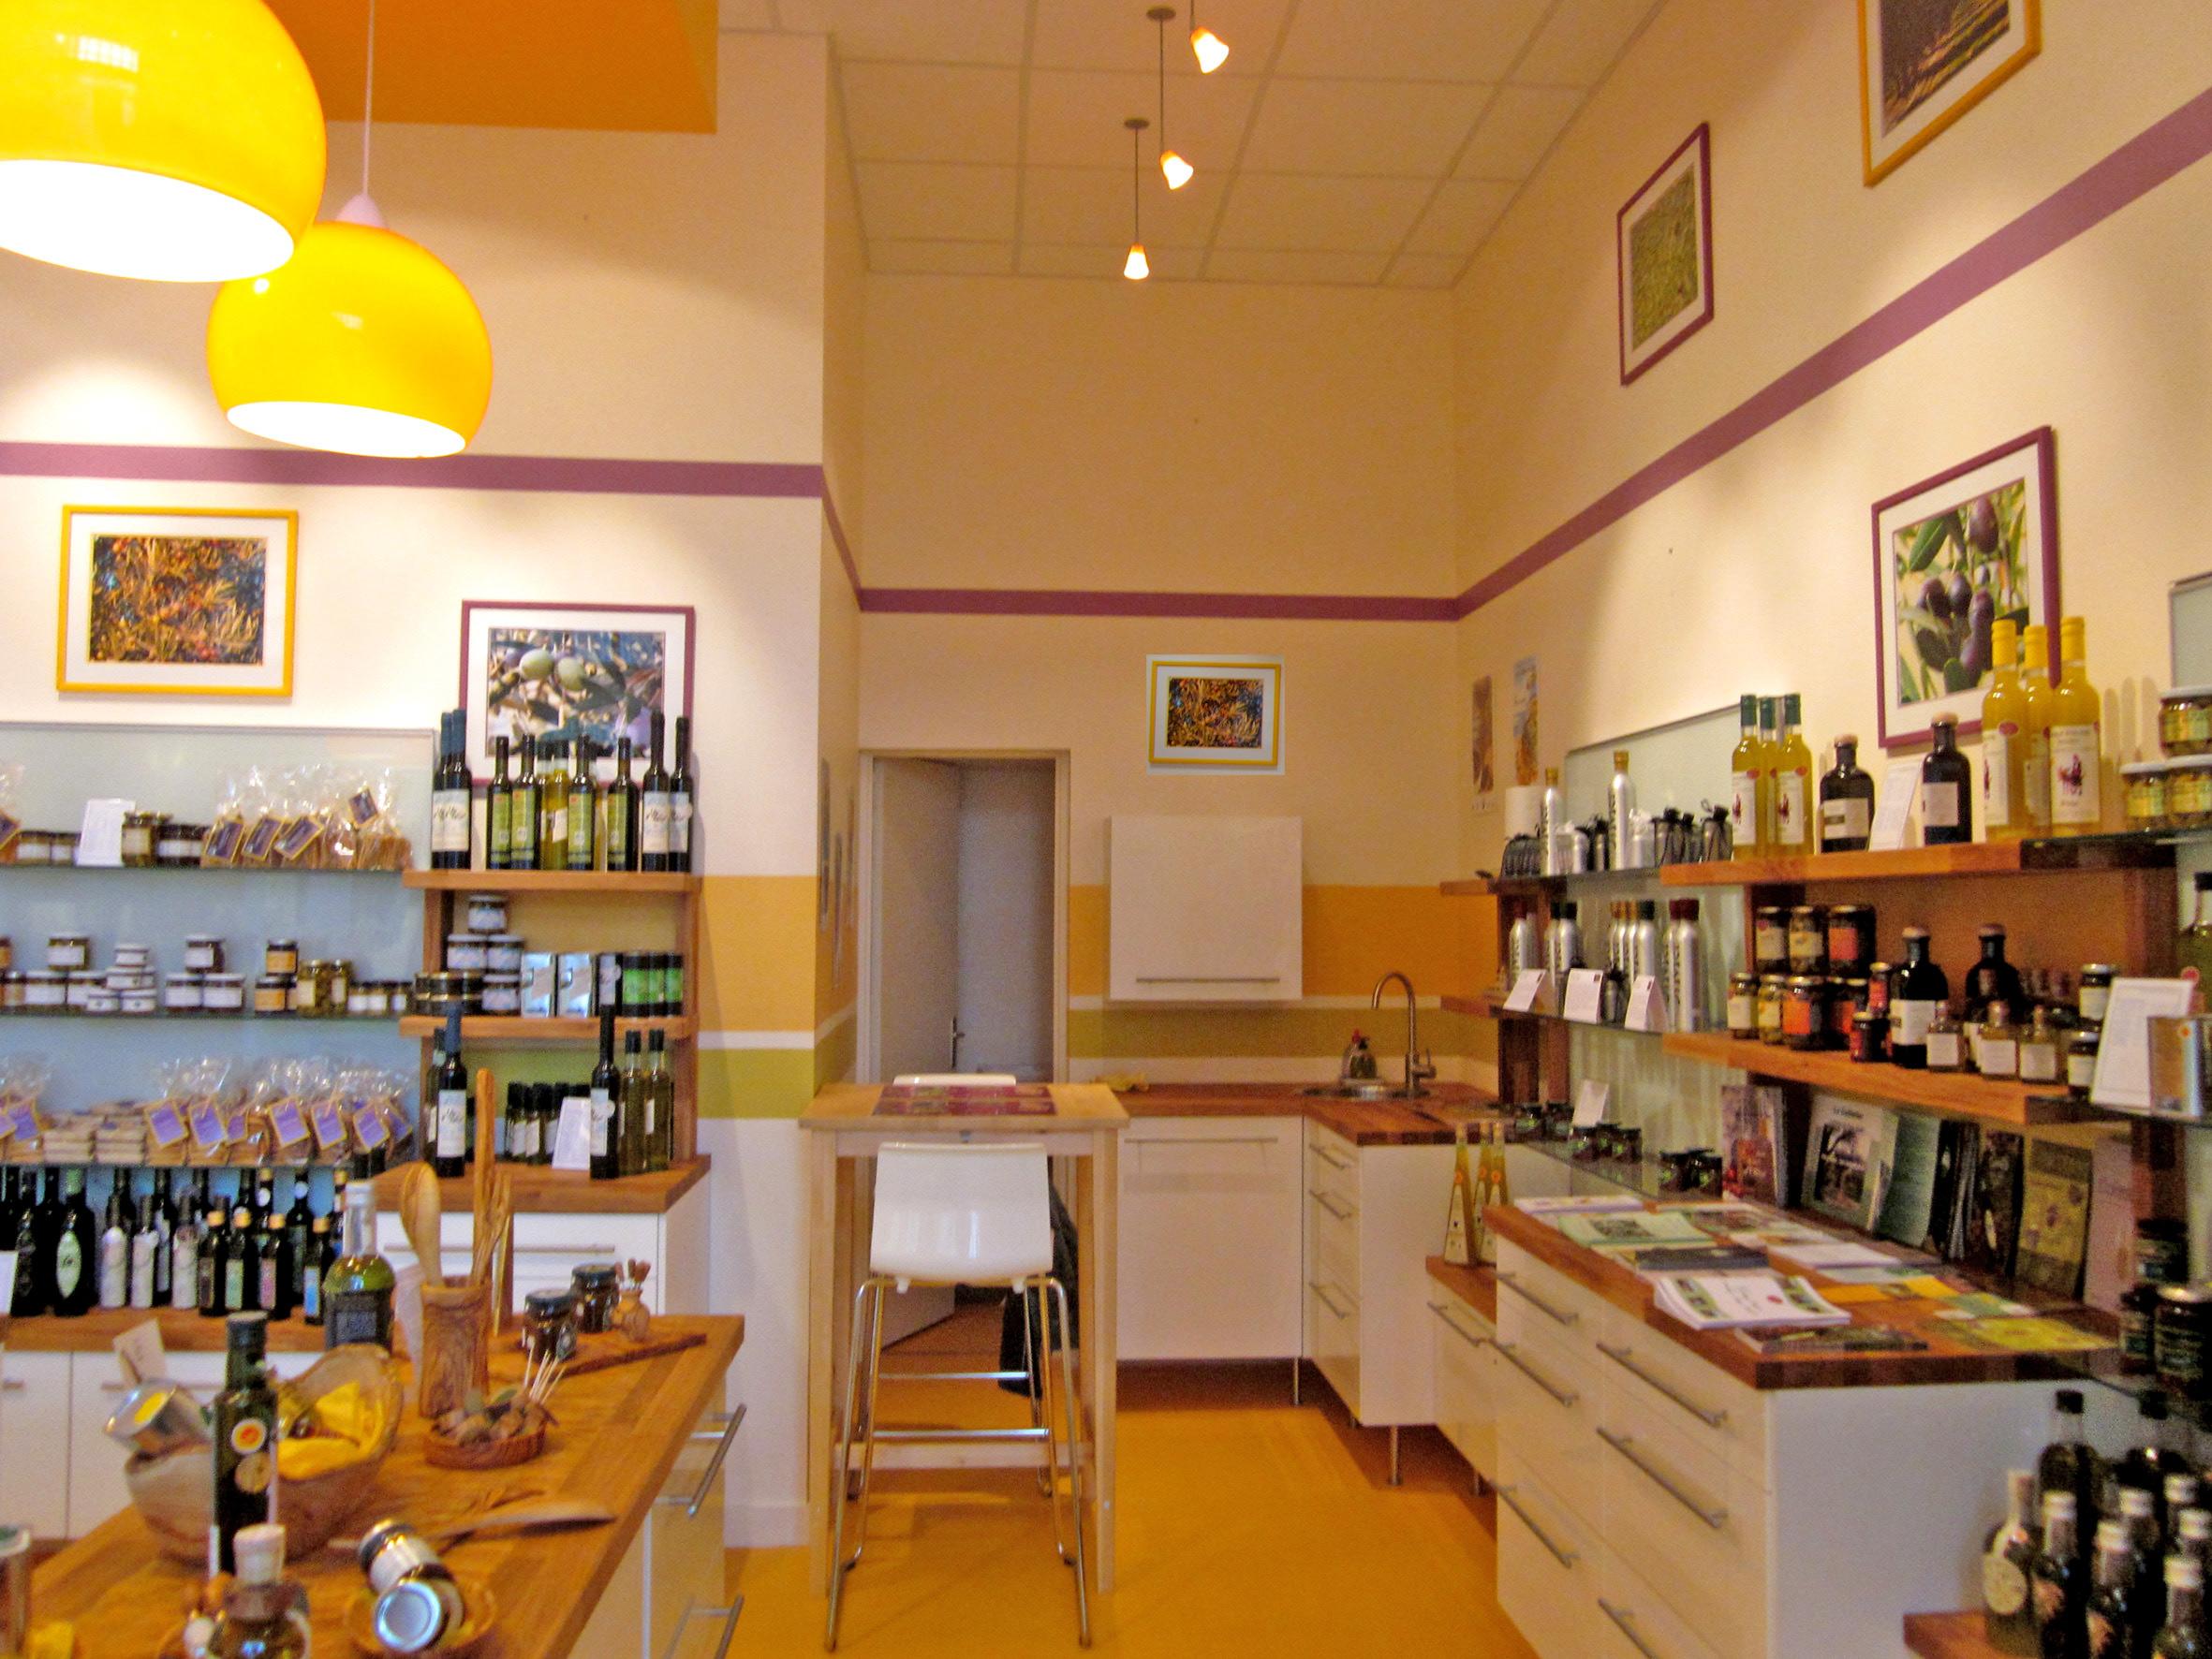 Bien connu Agencement | Brest | Agencement de magasin : Fruités d'Olives à  ED08